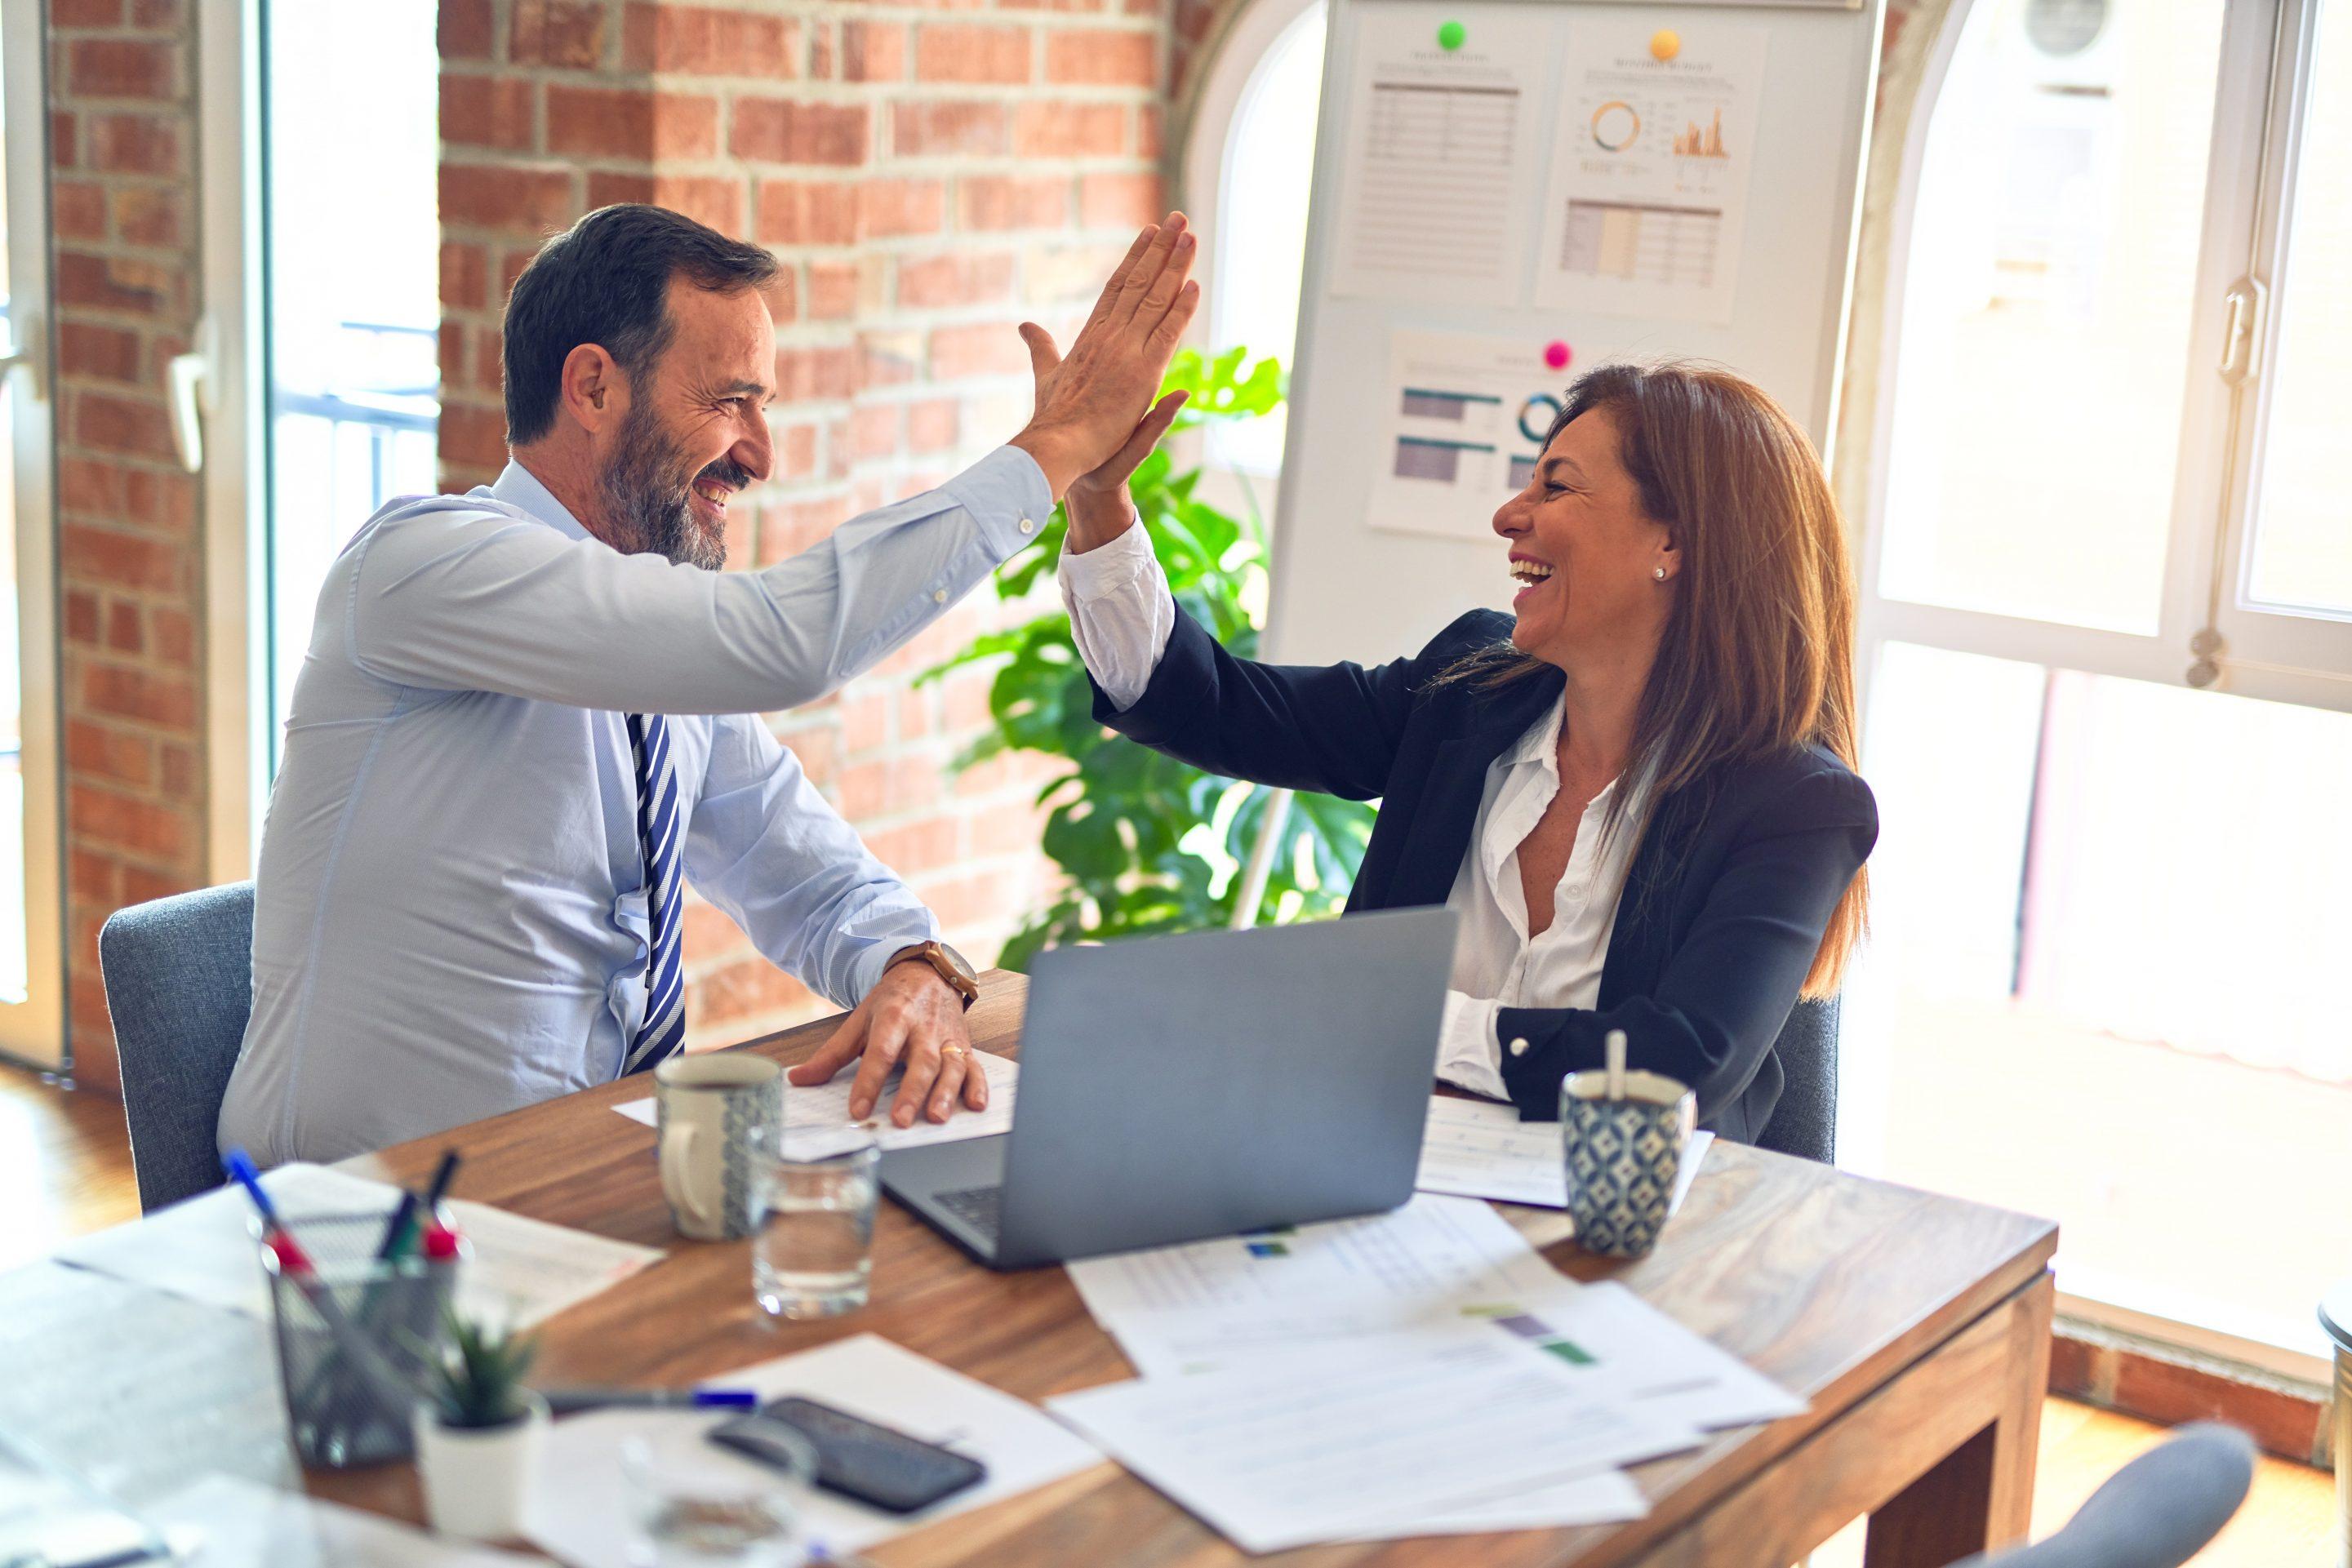 Beter samenwerken met ERP systemen